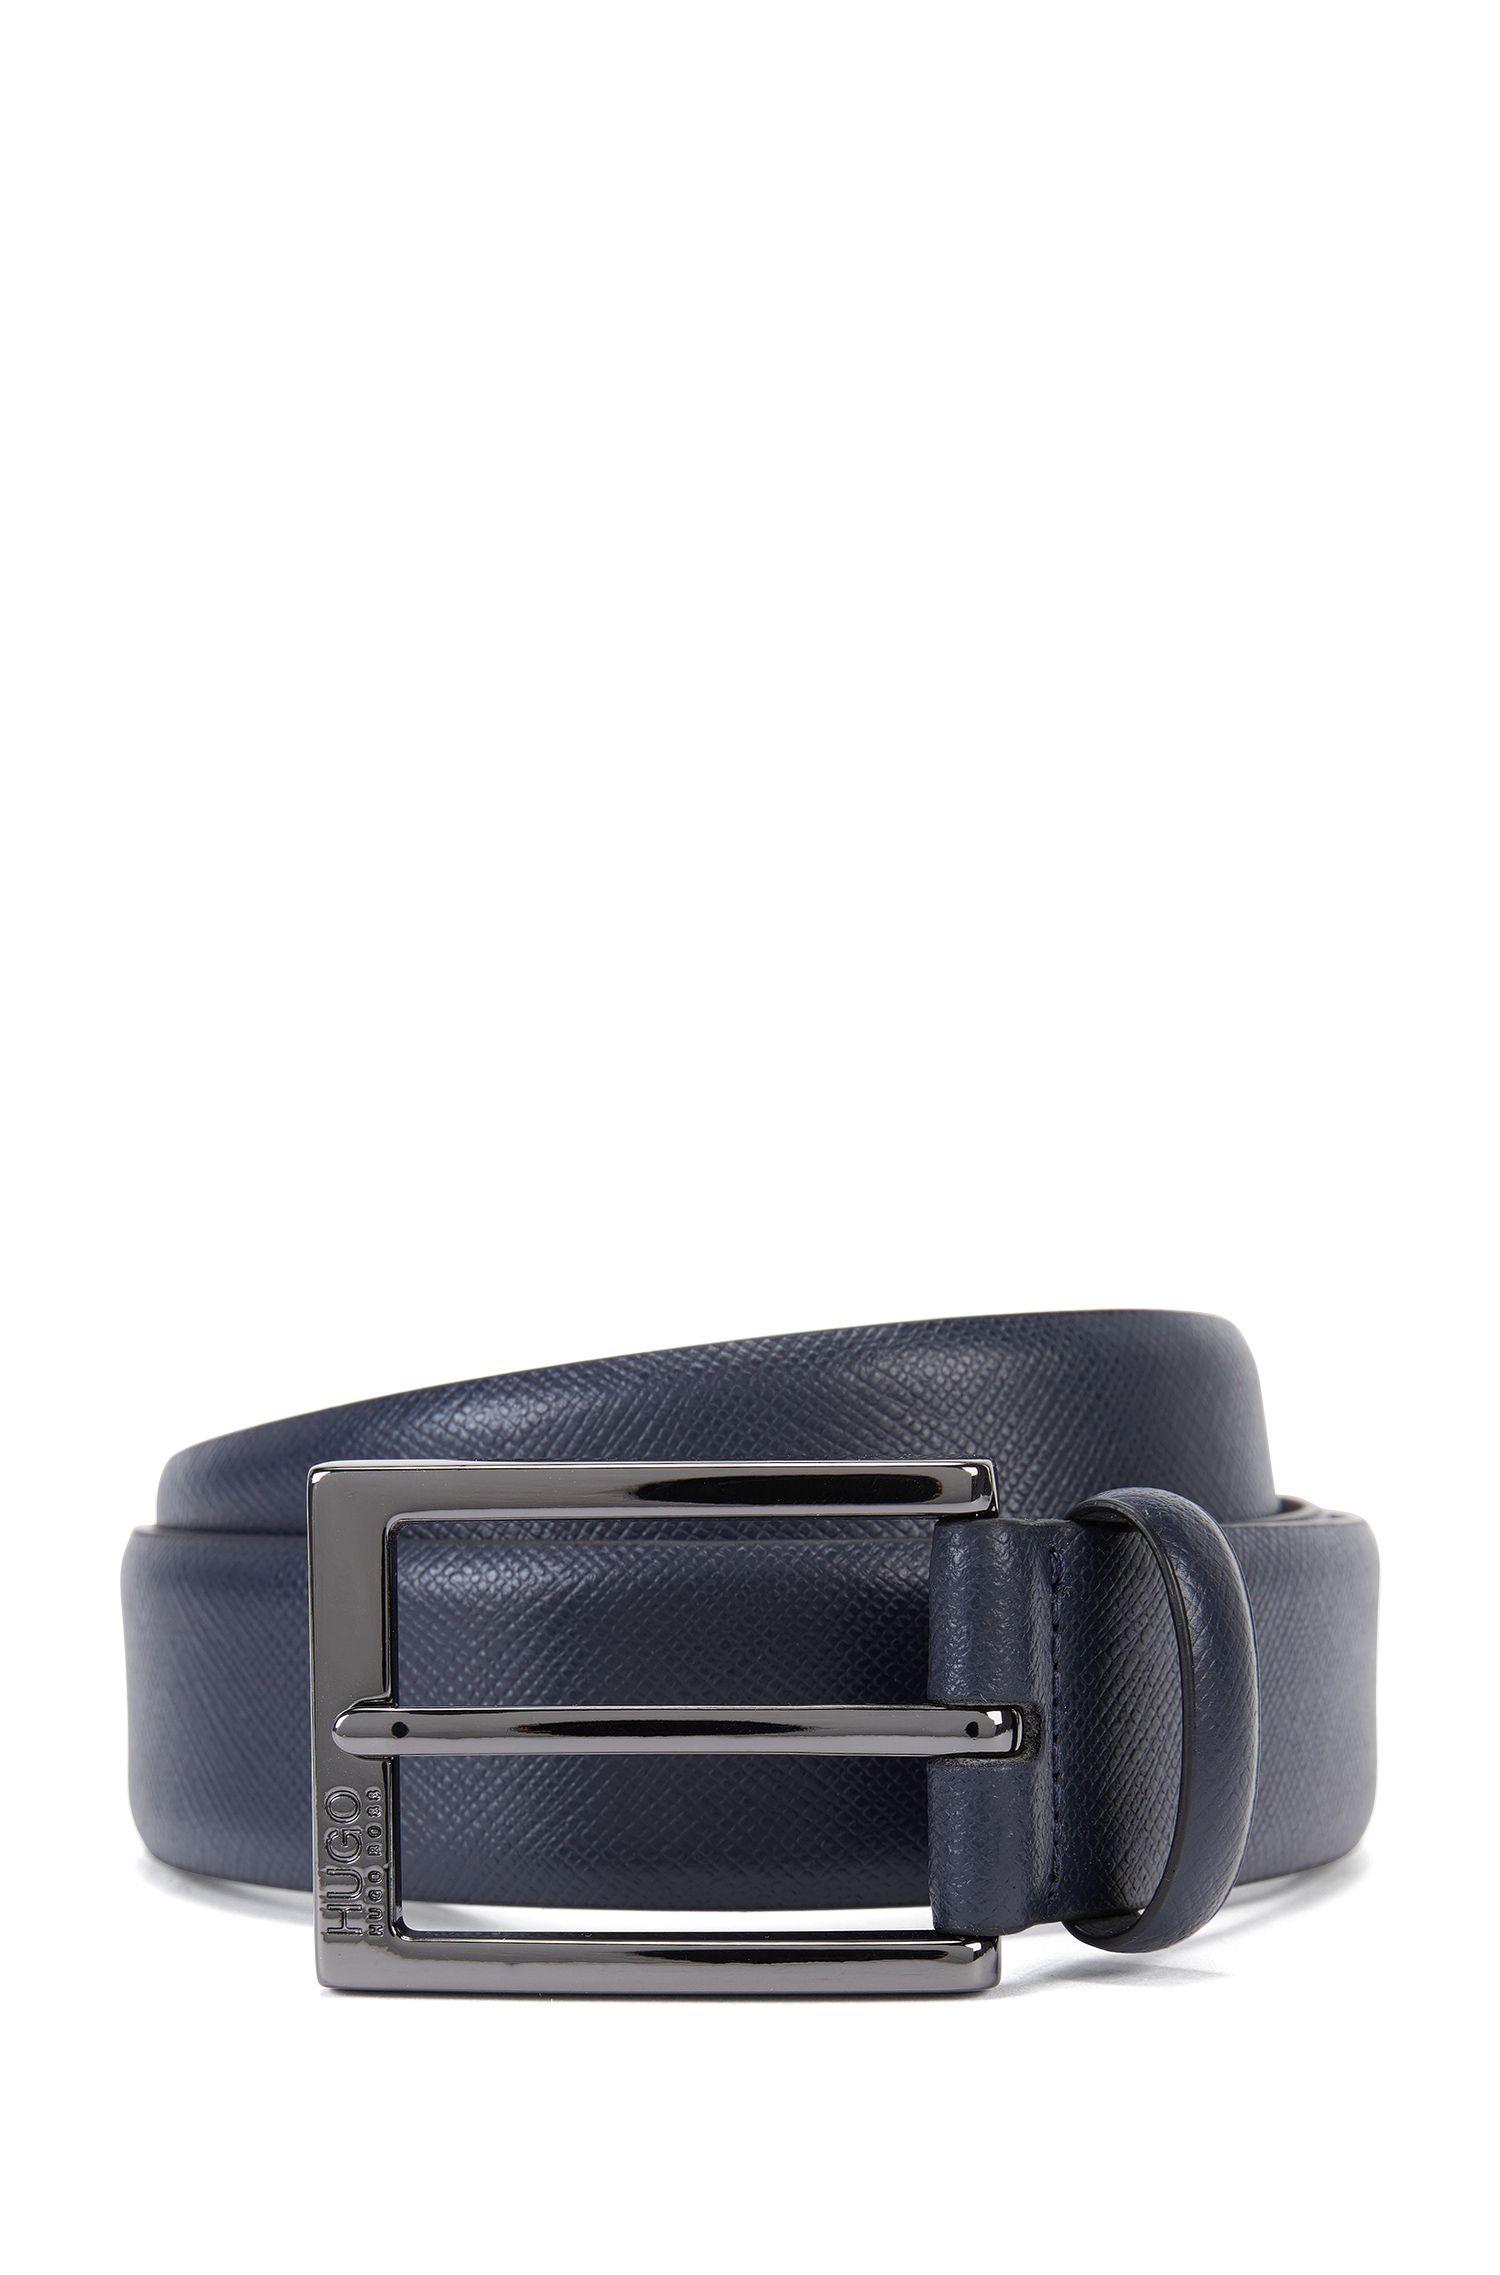 Cintura in pelle Saffiano con dettagli goffrati